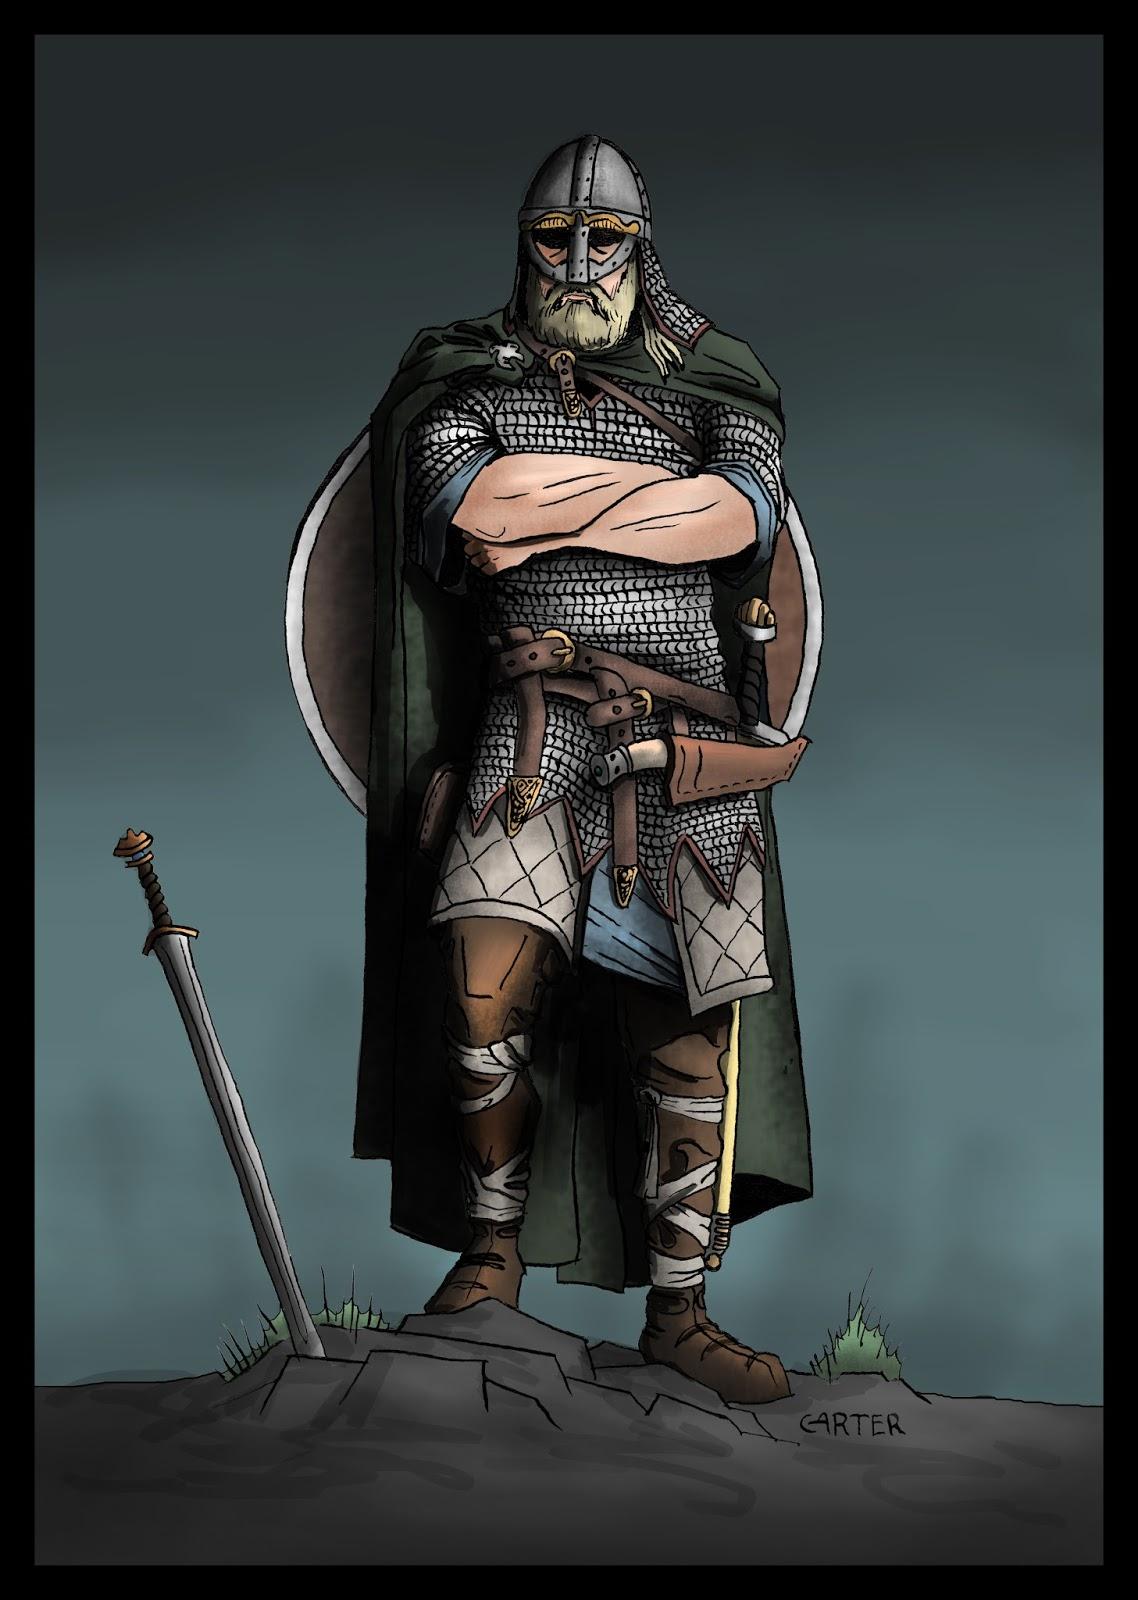 The Drunk Umber Hulk New Art Einar Viking Warrior